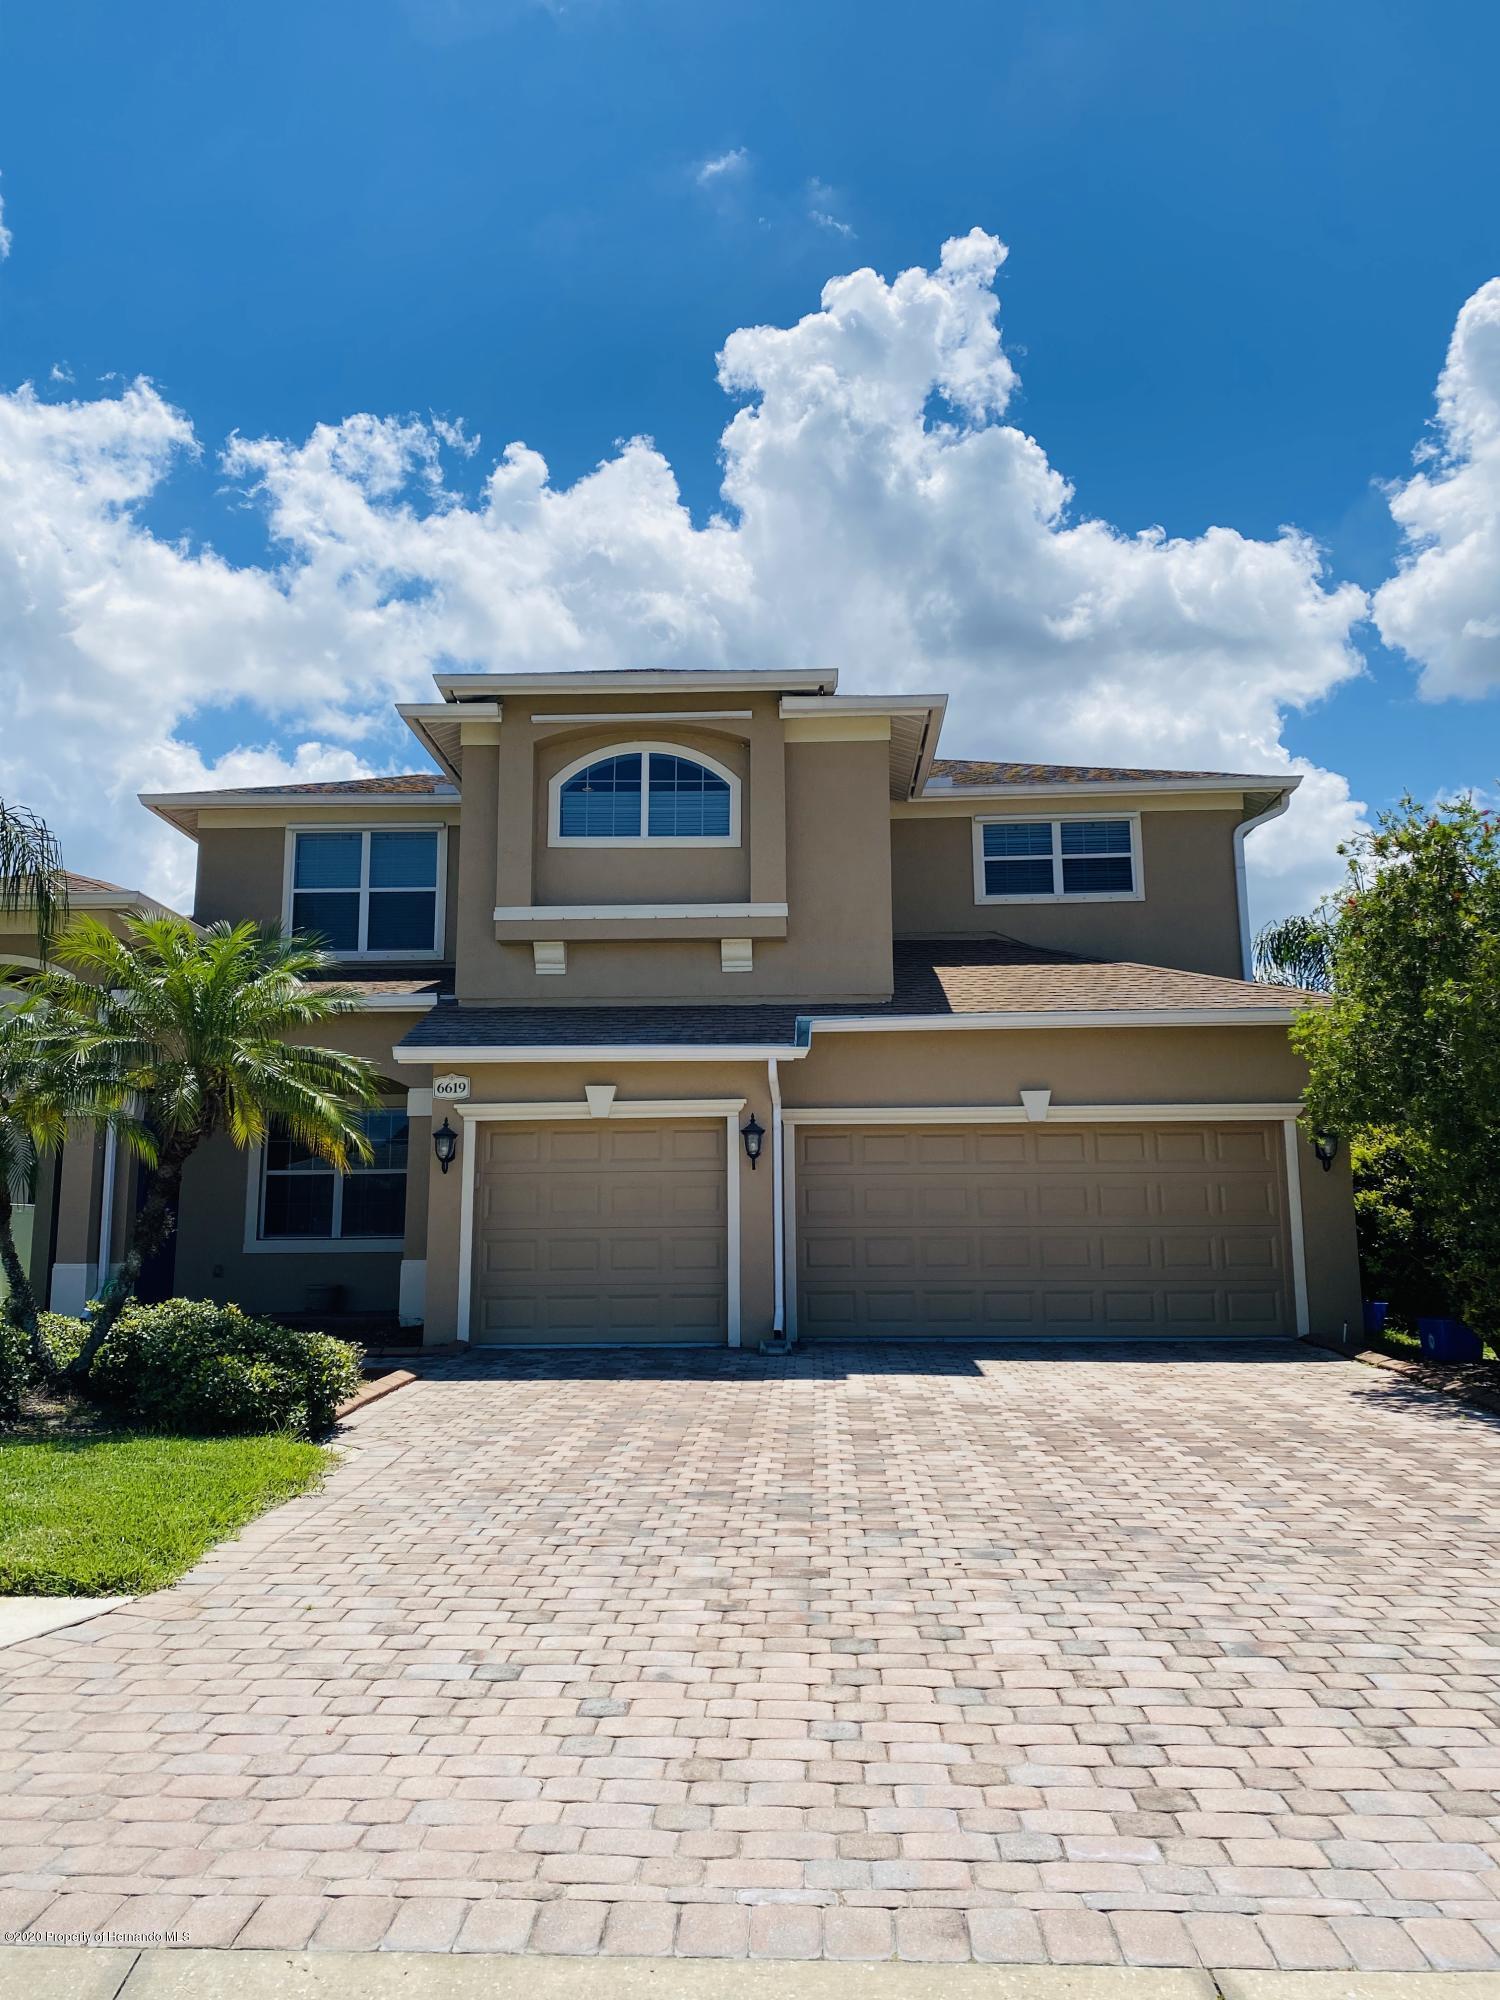 Details for 6619 38th Lane, Sarasota, FL 34243